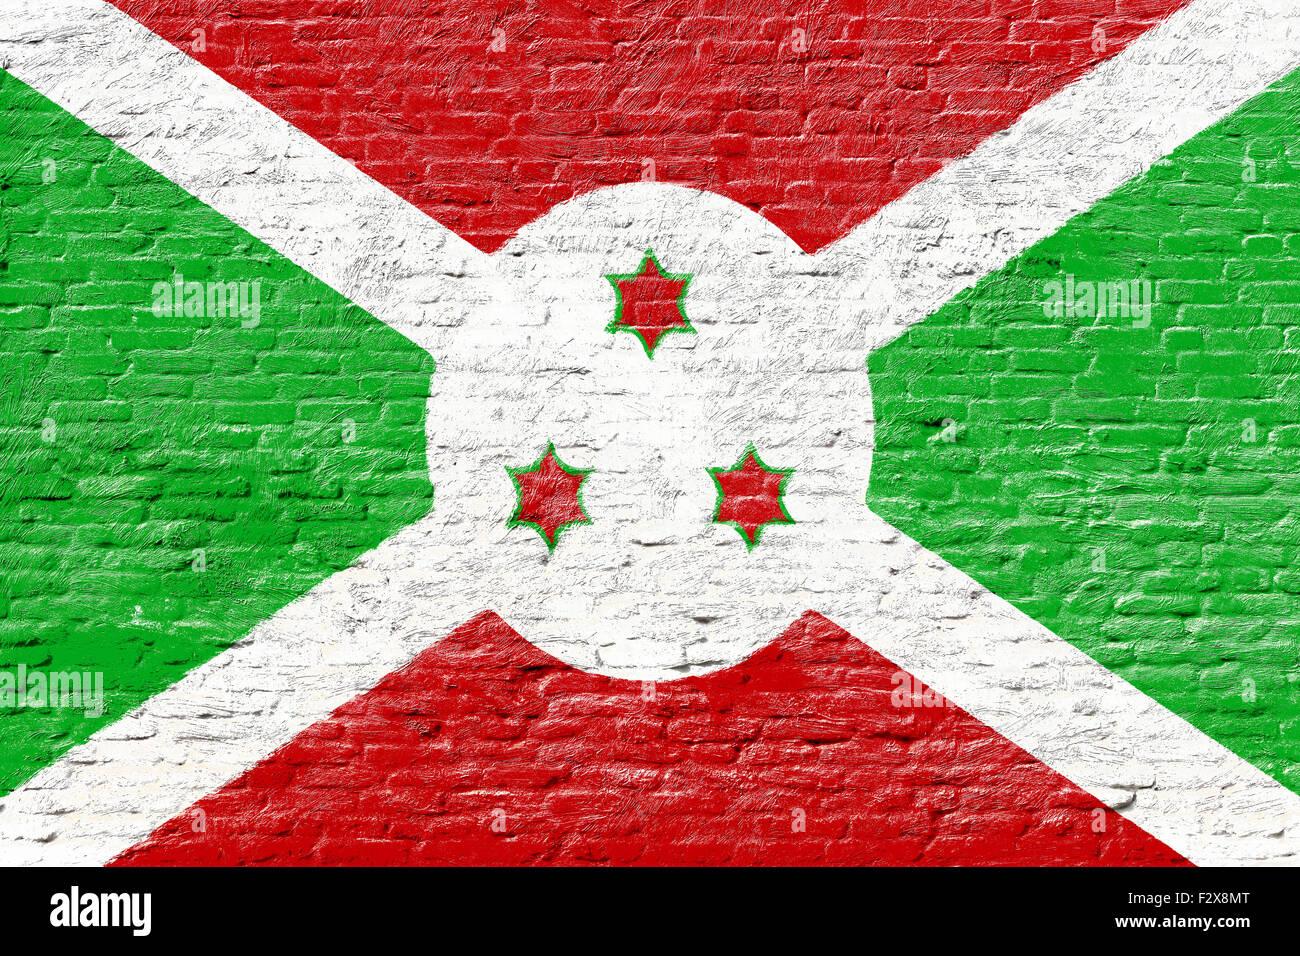 Burundi - National flag on Brick wall - Stock Image